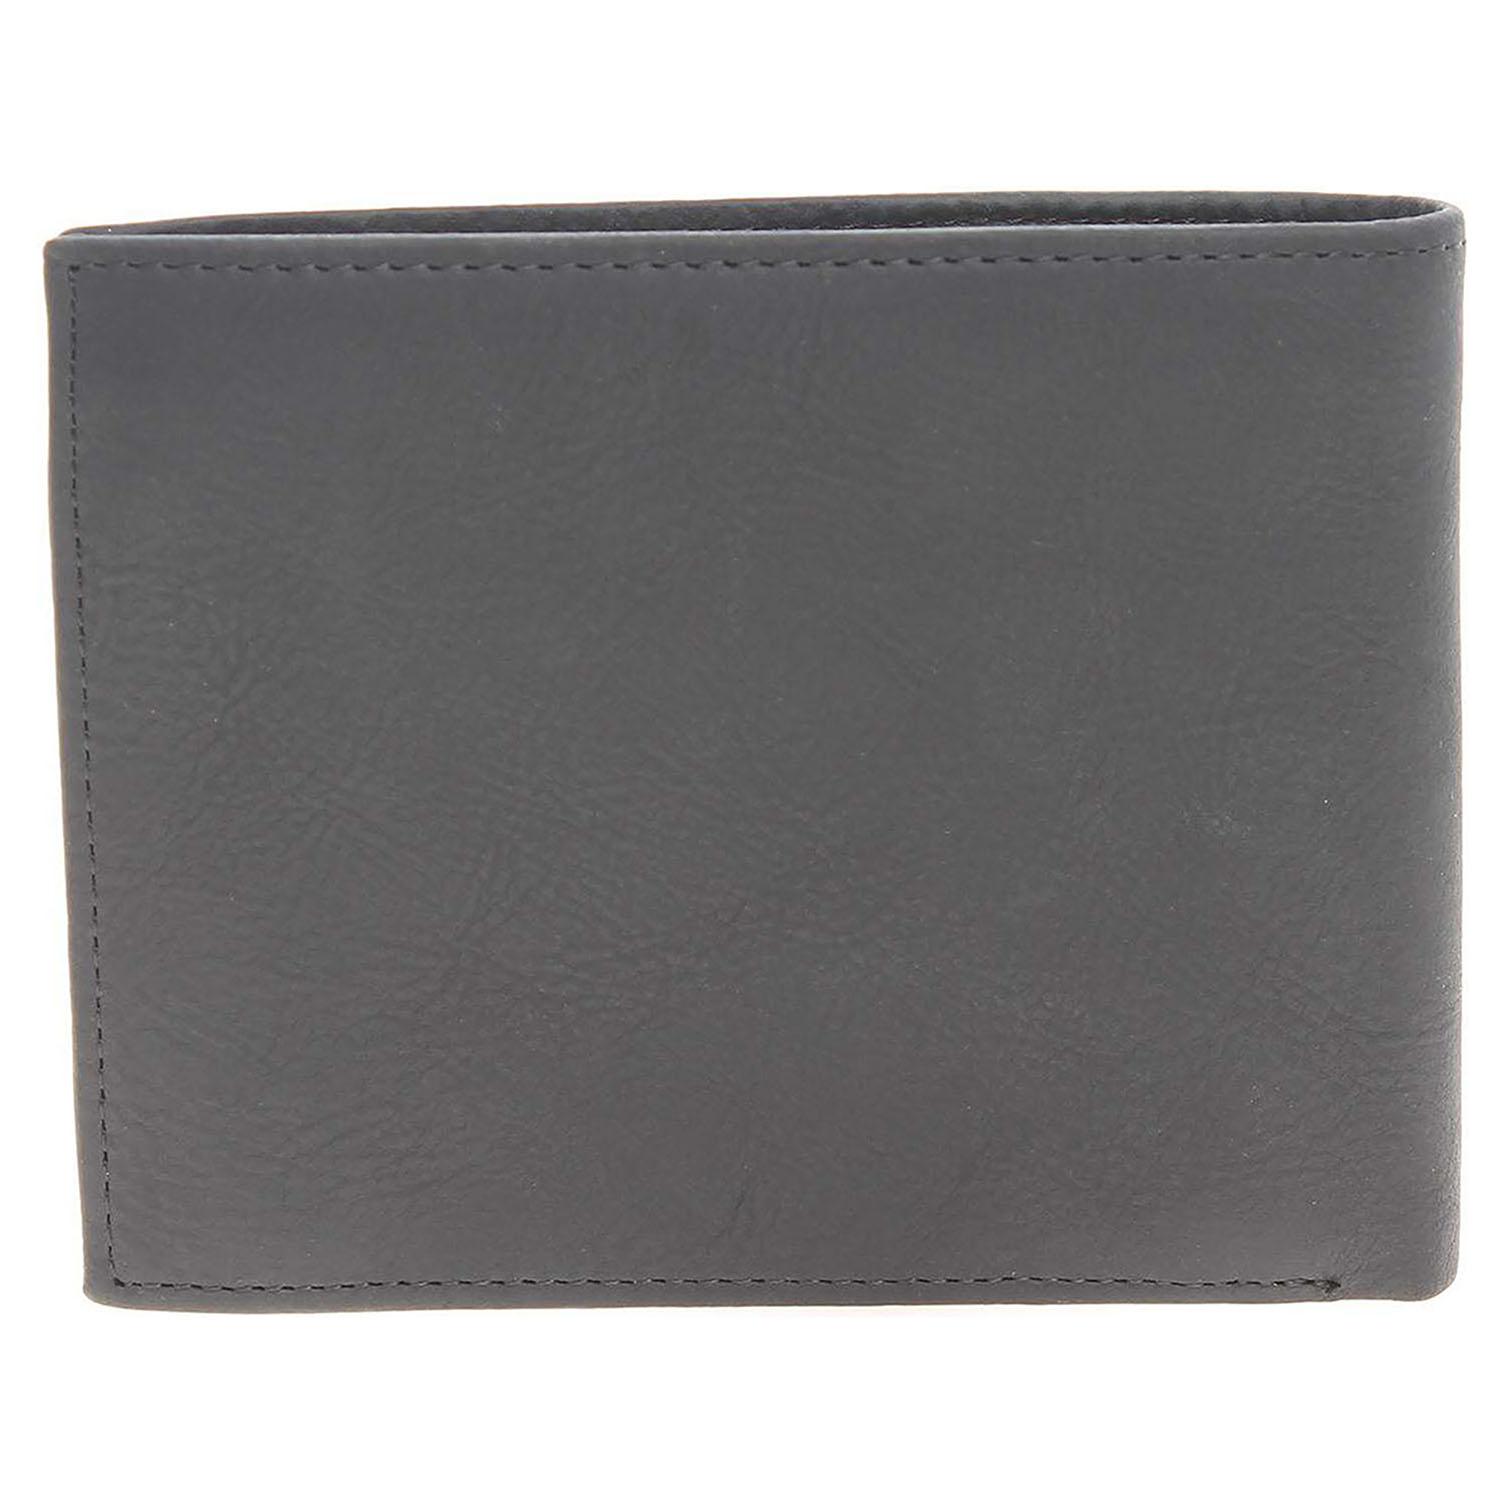 Tommy Hilfiger pánská peněženka AM0AM00665 černá AM0AM00665 1